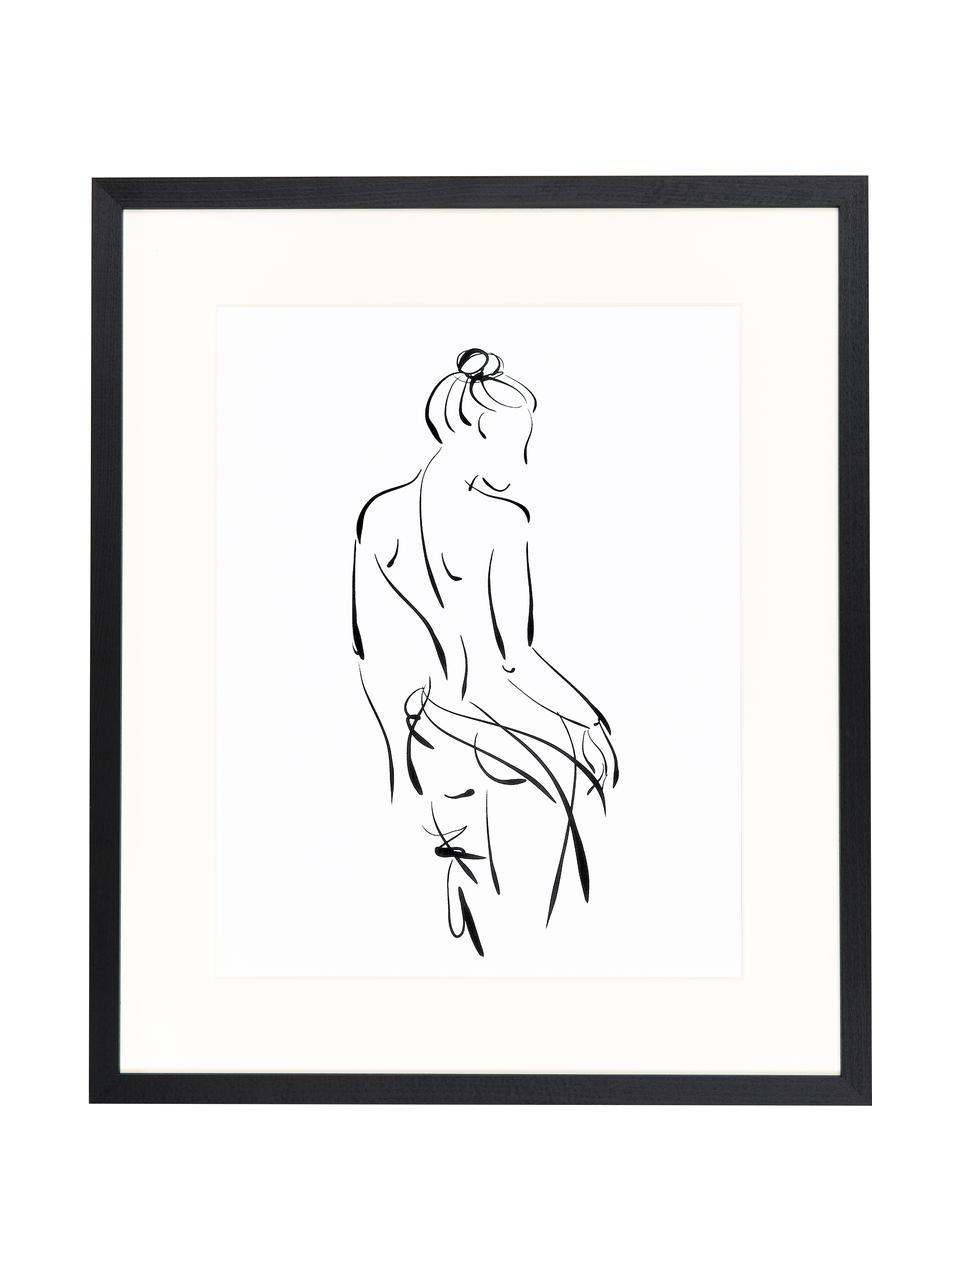 Stampa digitale incorniciata Naked Woman, Immagine: stampa digitale su carta,, Cornice: legno, verniciato, Nero, bianco, L 53 x A 63 cm